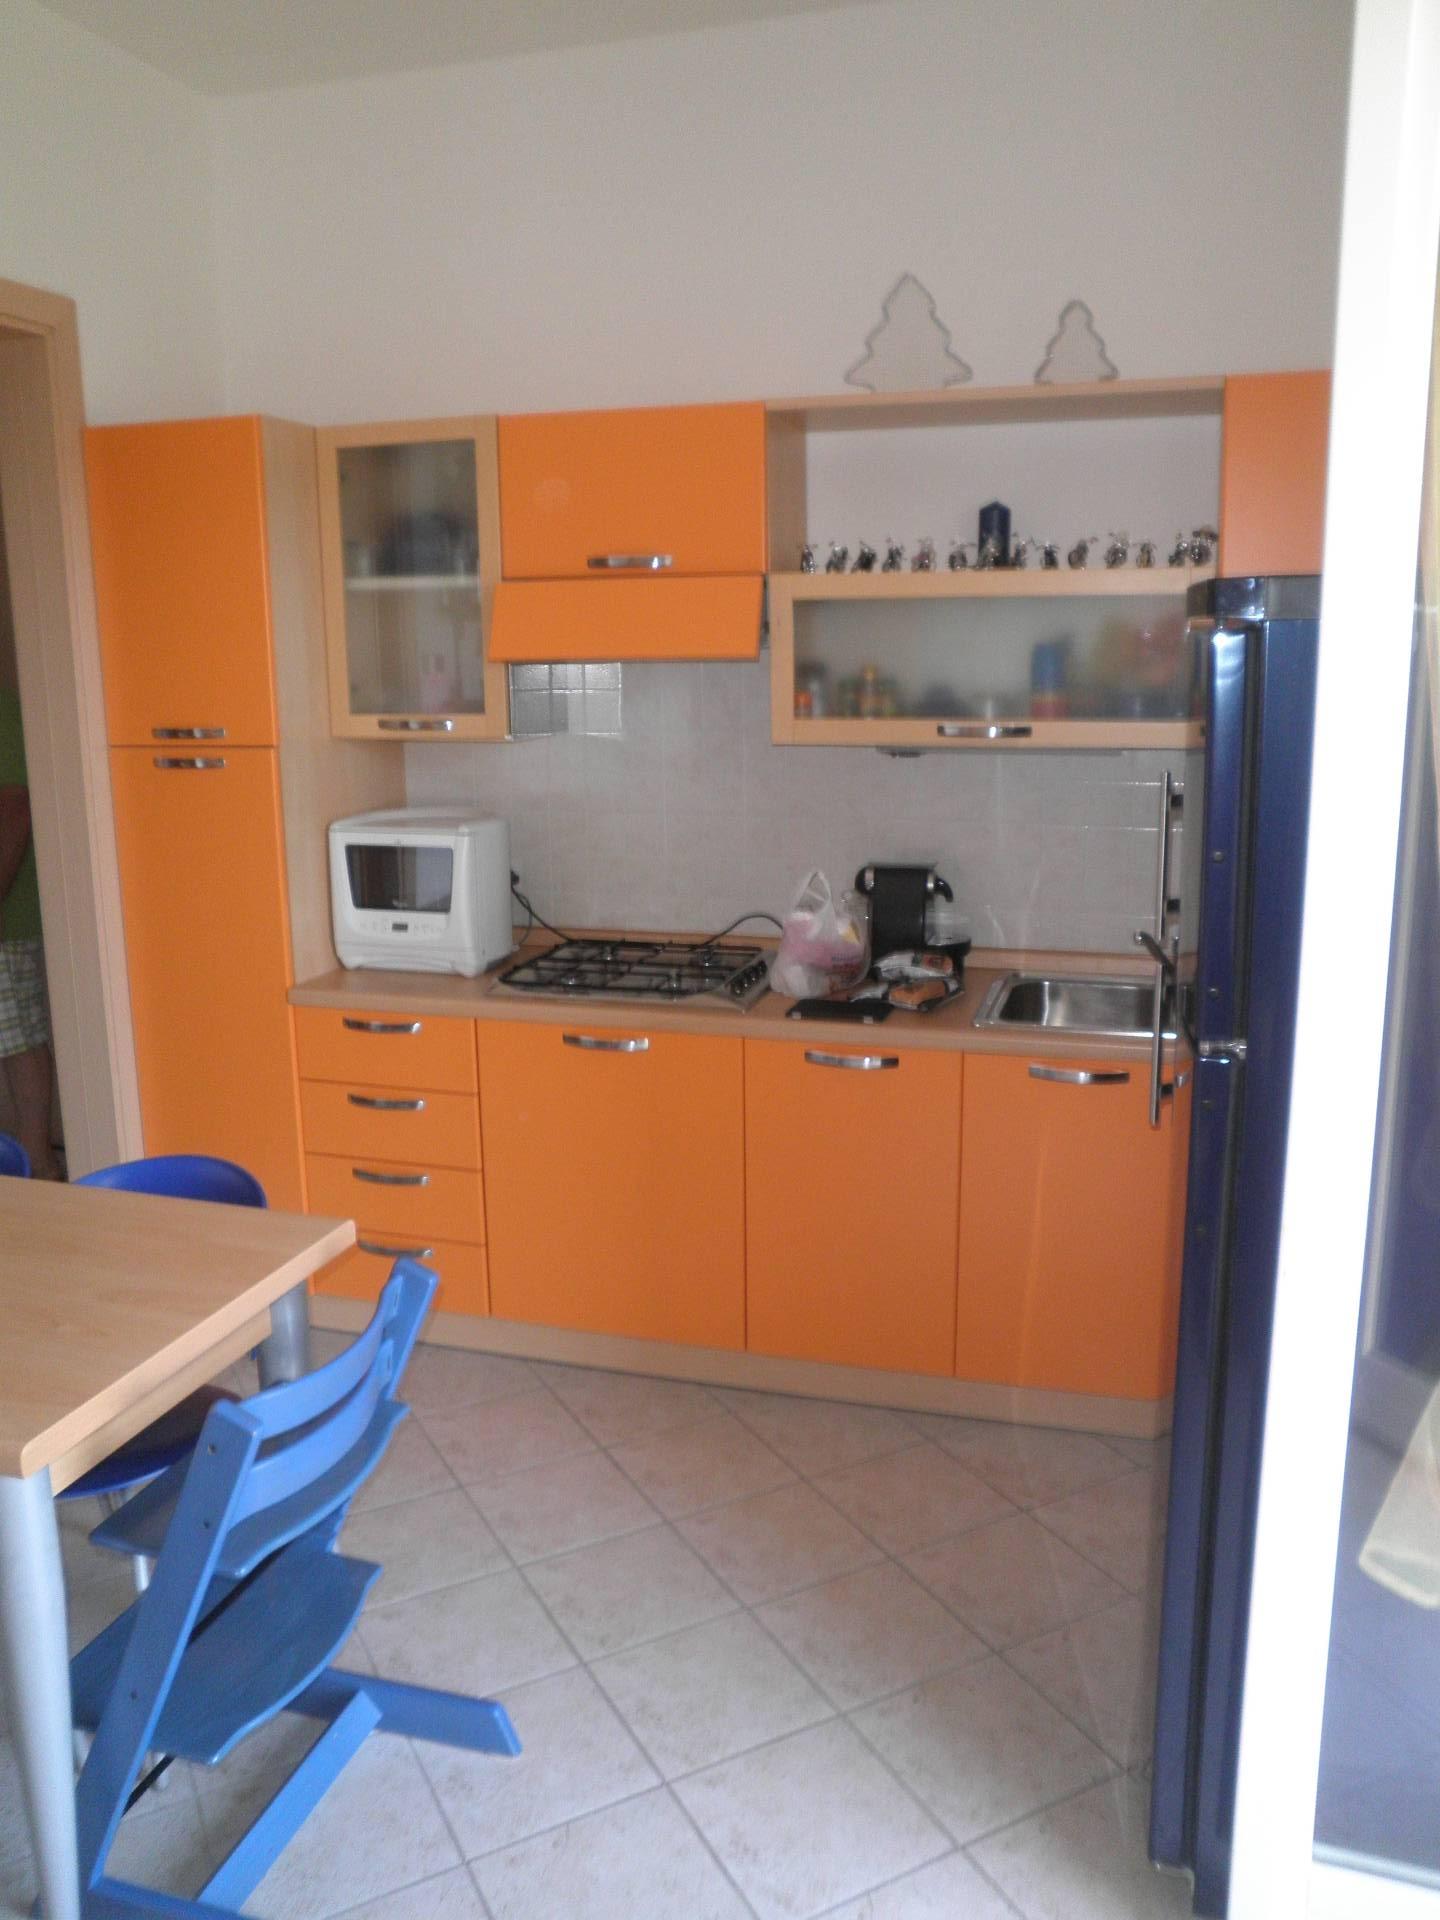 Appartamento in vendita a Diano Arentino, 2 locali, zona Zona: Evigno, prezzo € 115.000 | CambioCasa.it